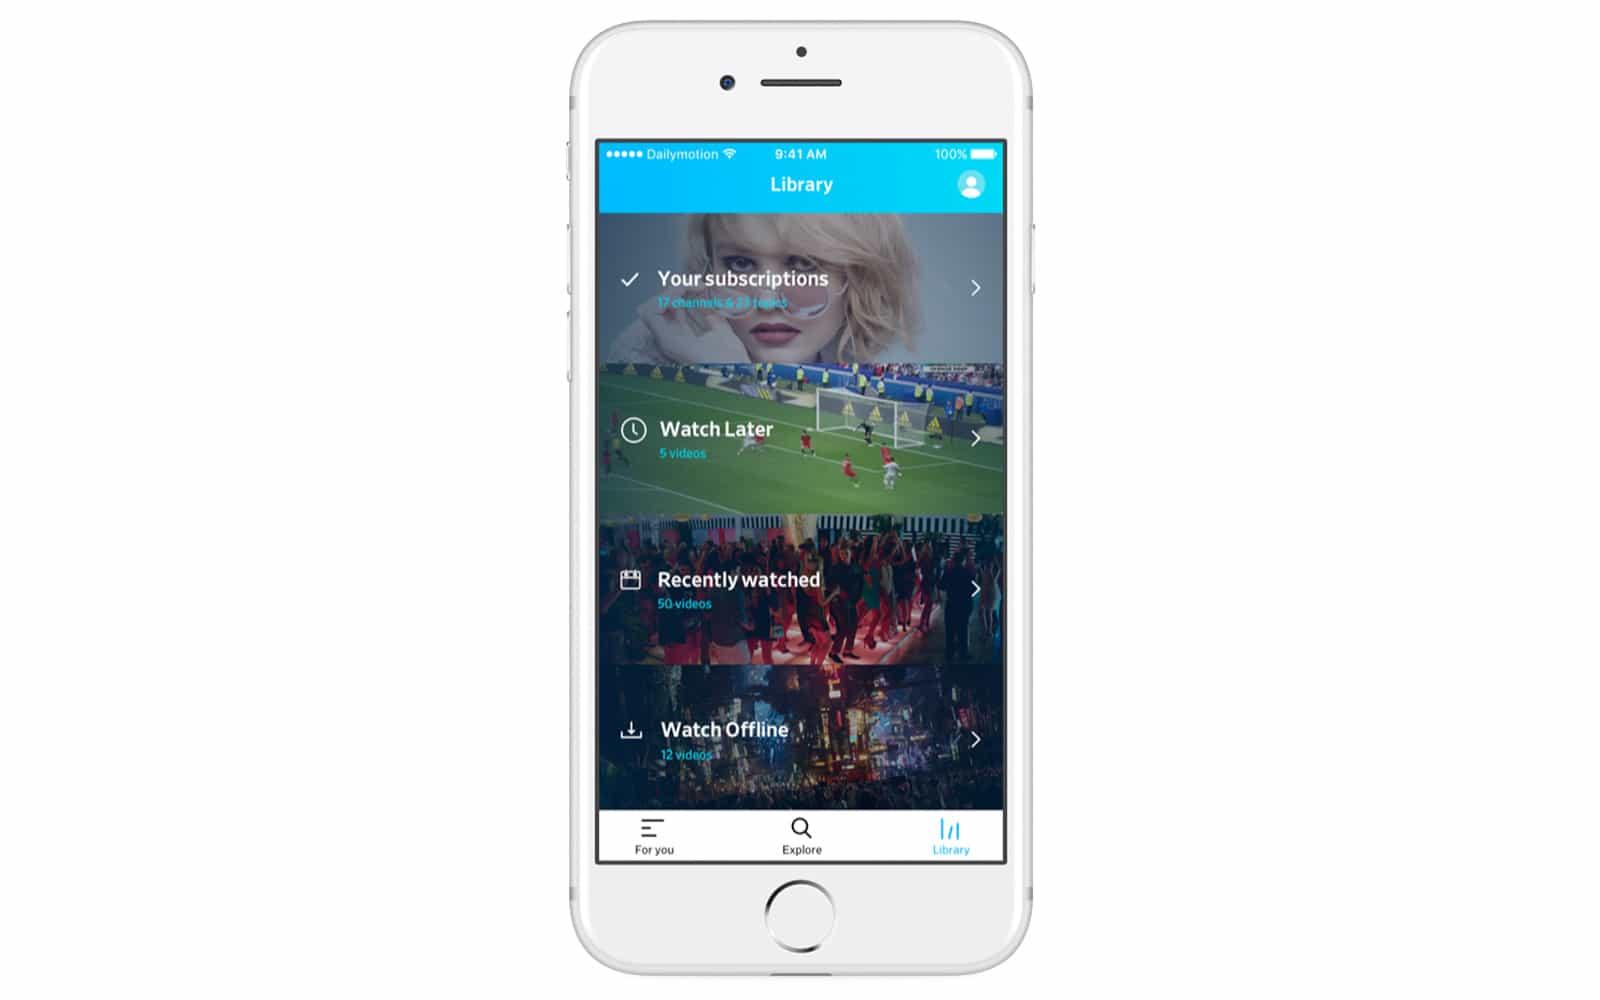 Dailymotion yeni tasarımla yüksek kaliteli video içeriklerine odaklanacak